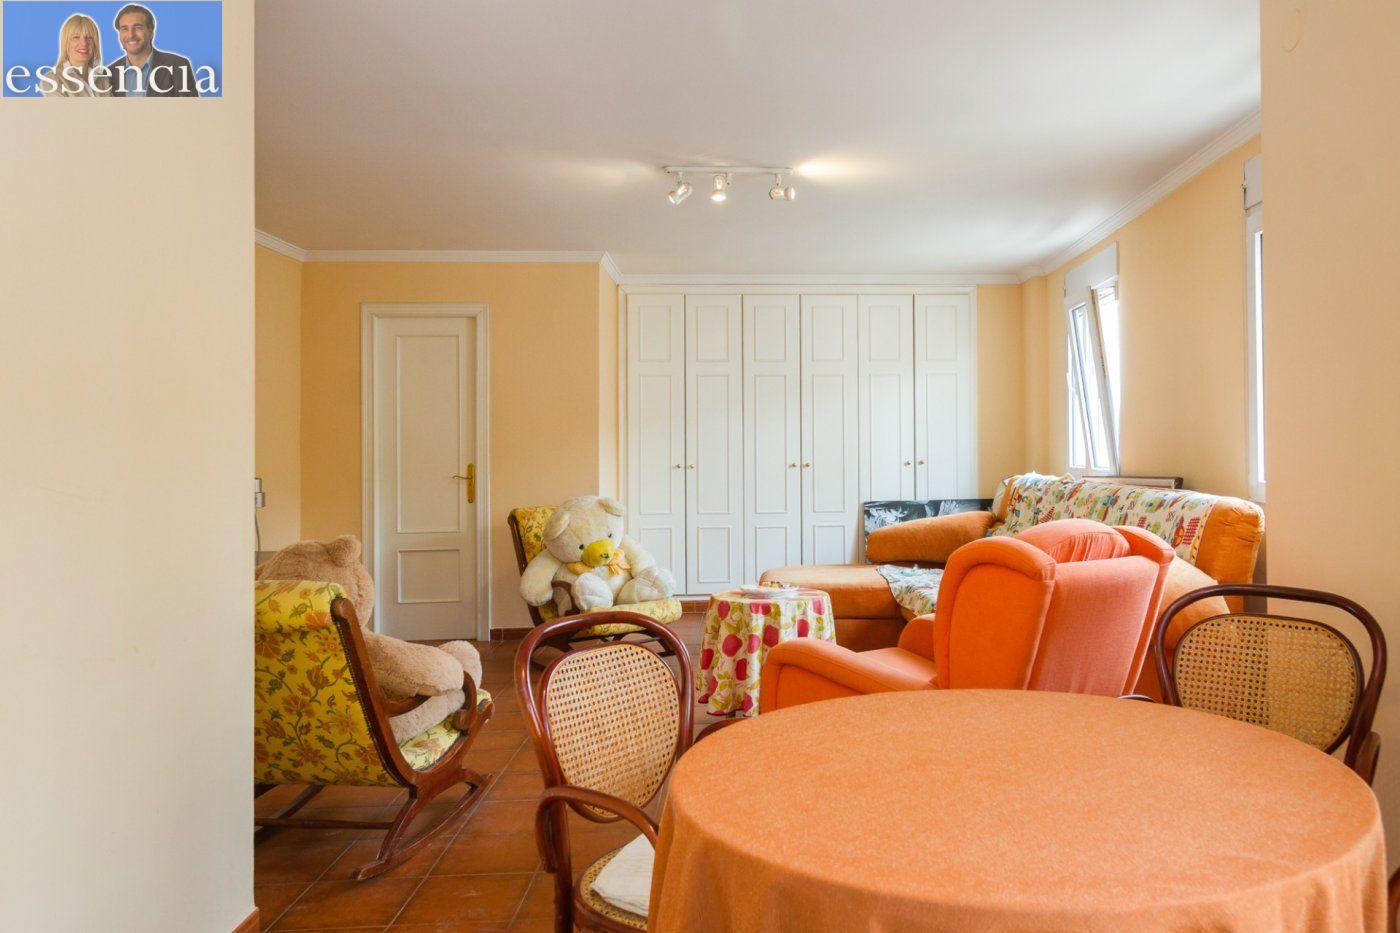 Casa con encanto en el centro de gandÍa para clientes vip - imagenInmueble9